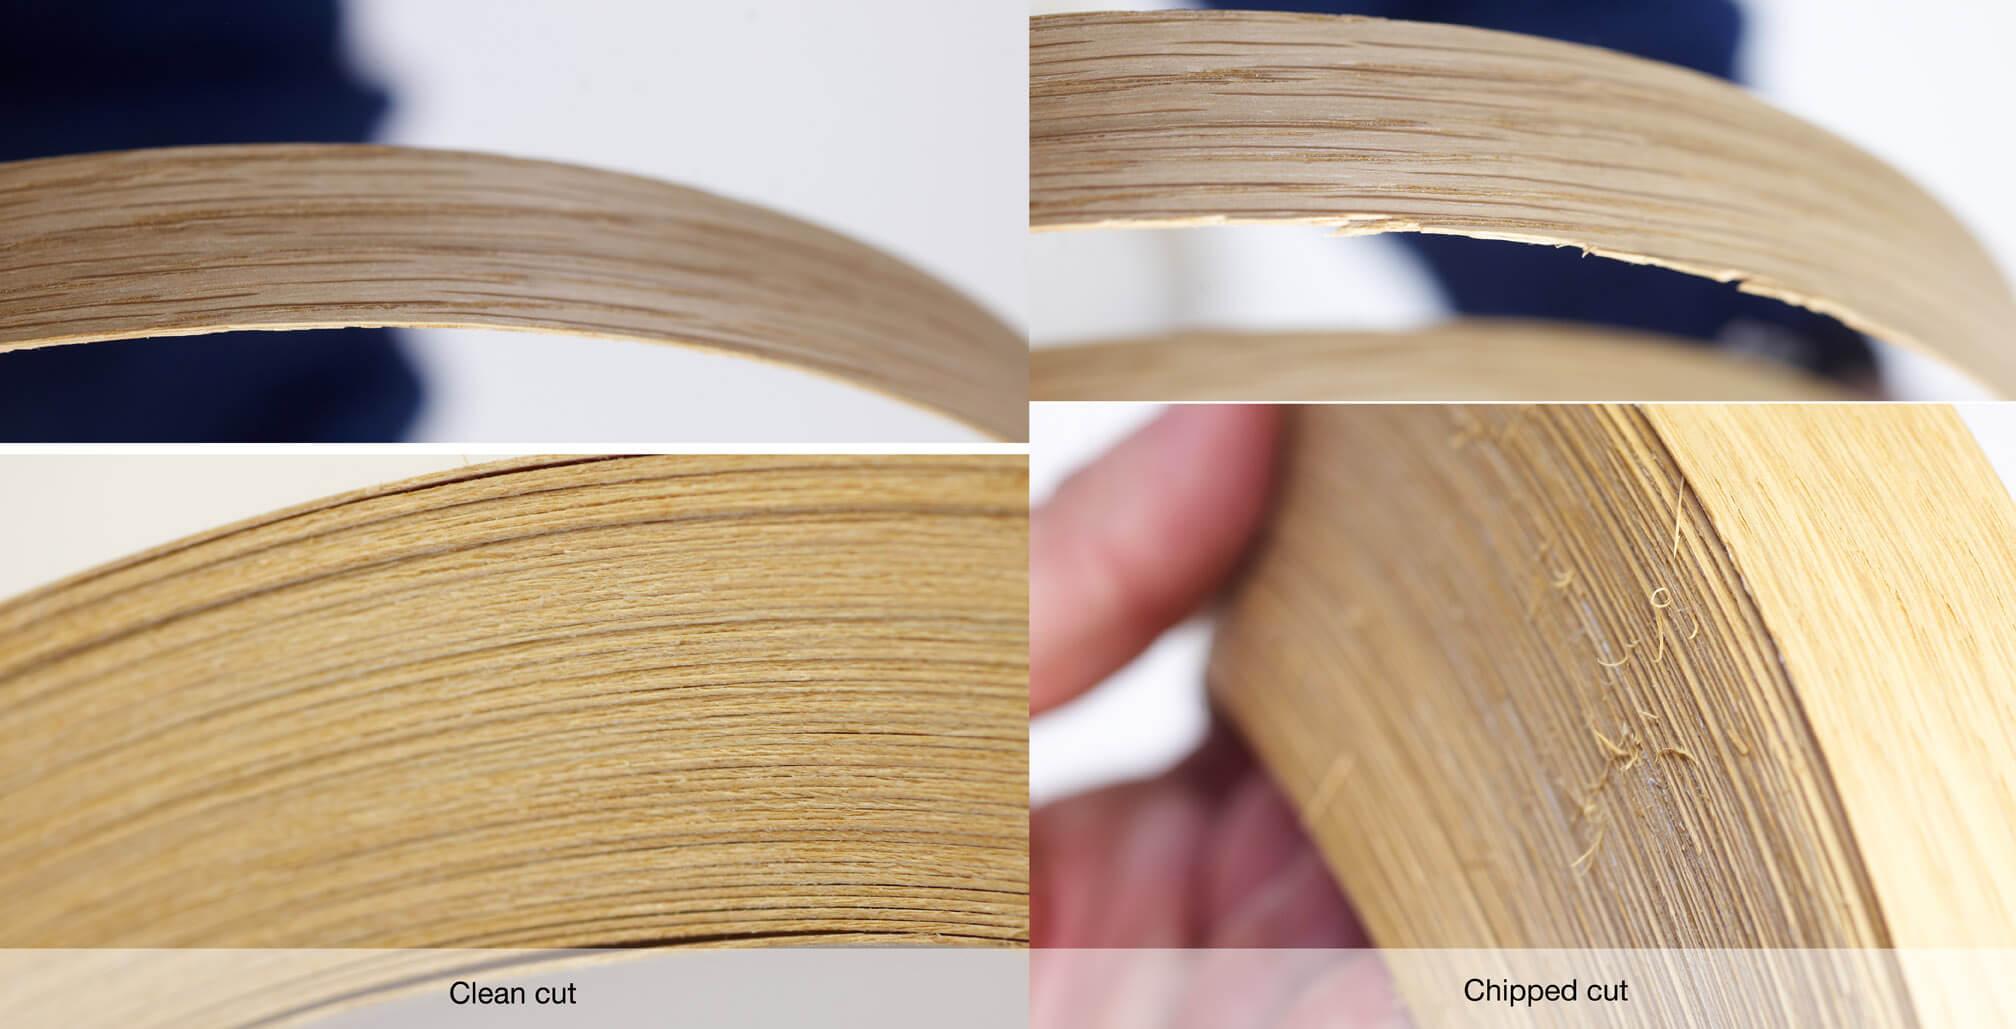 Veneer in rolls | Clean cut